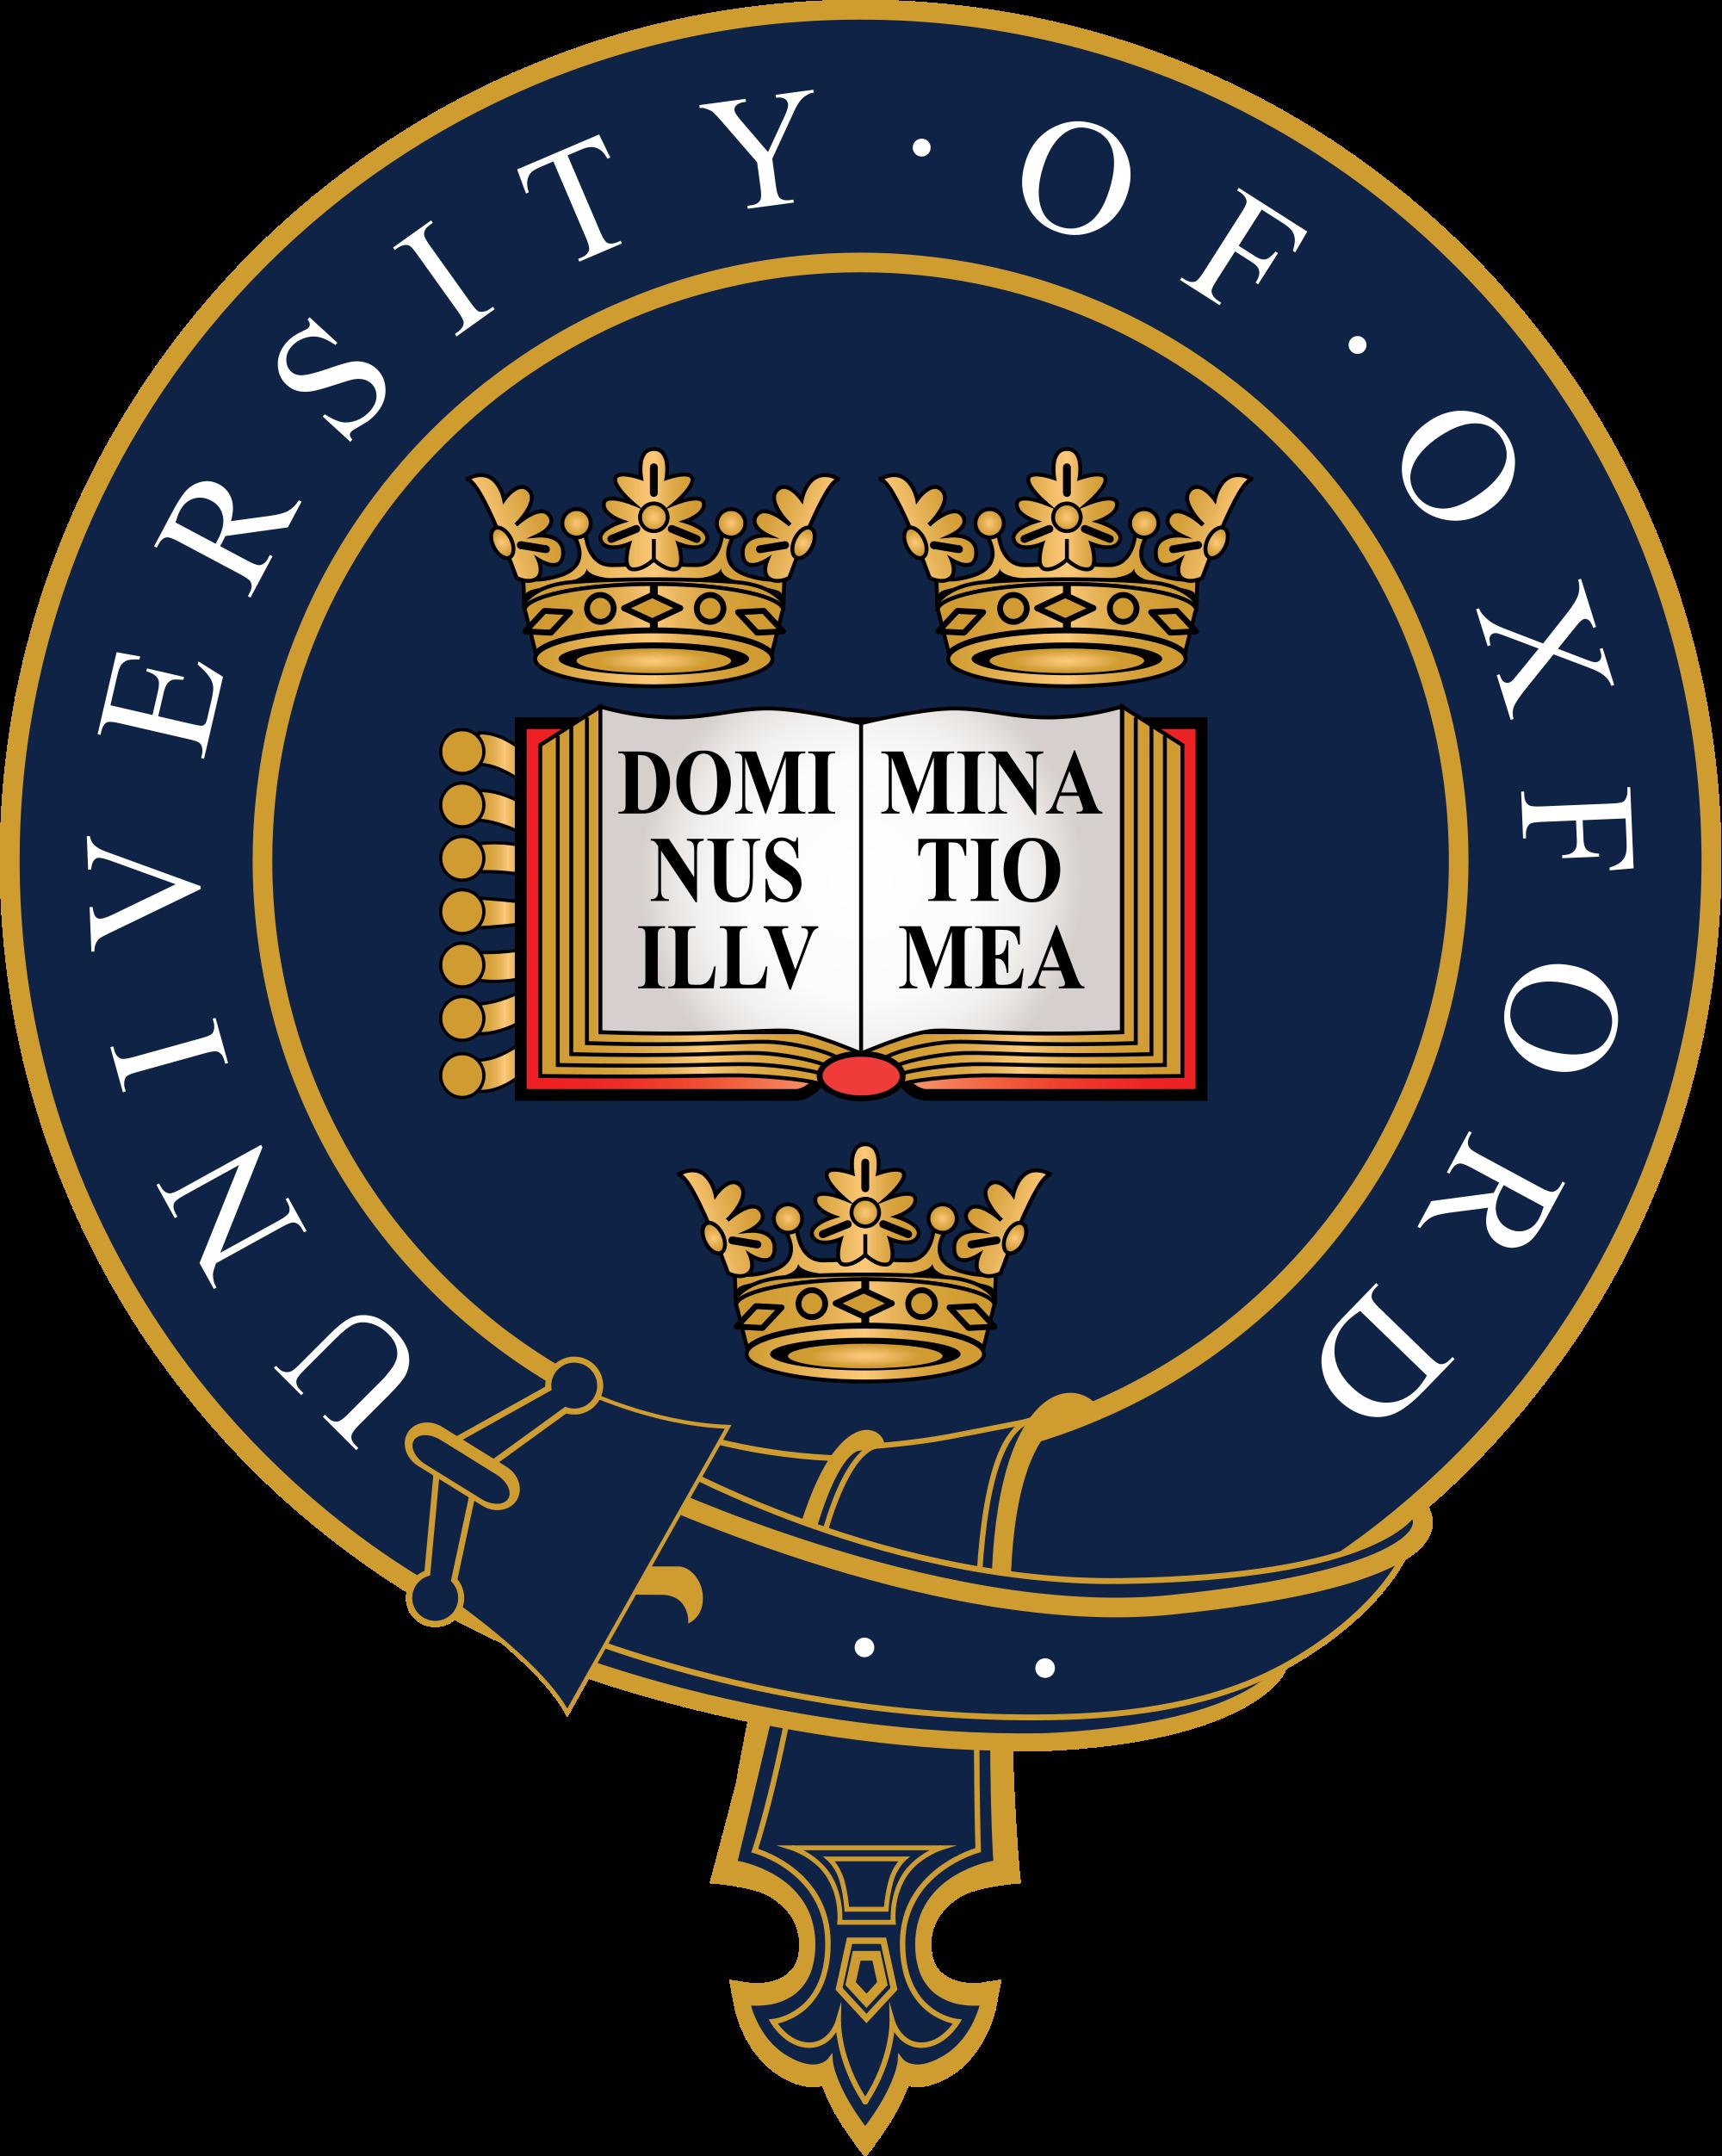 oxford university logo ile ilgili görsel sonucu